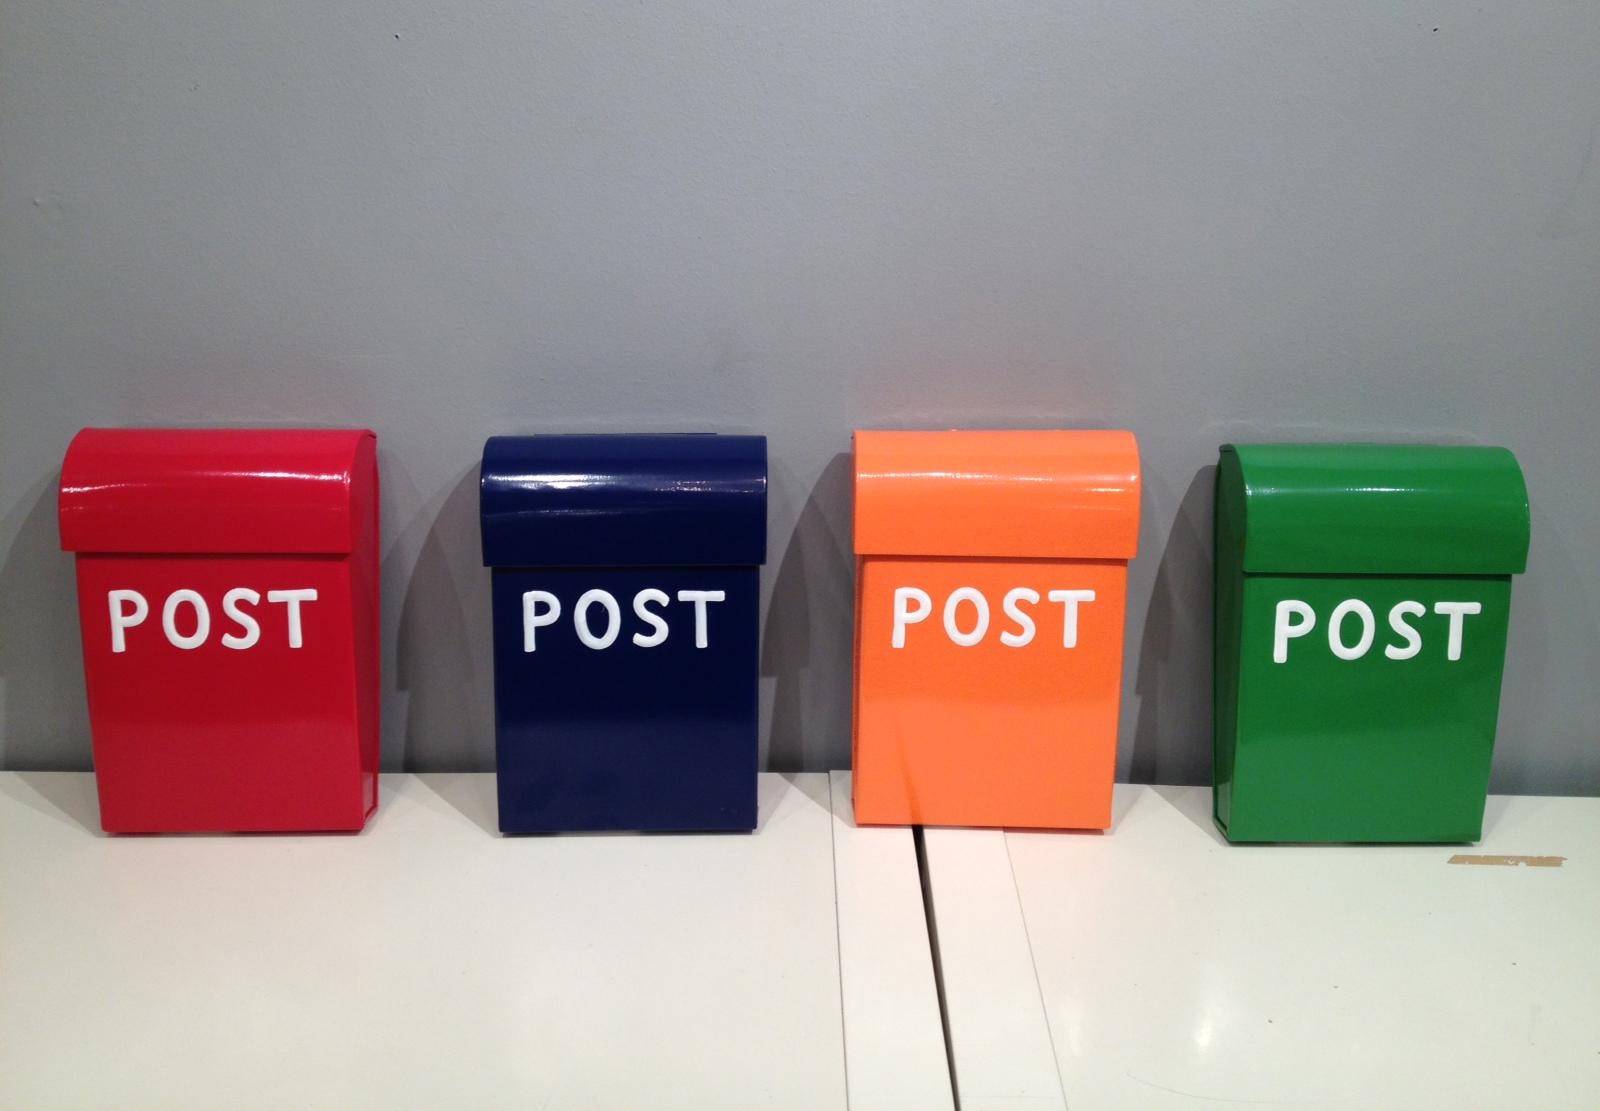 den lille postkasse tilmelding